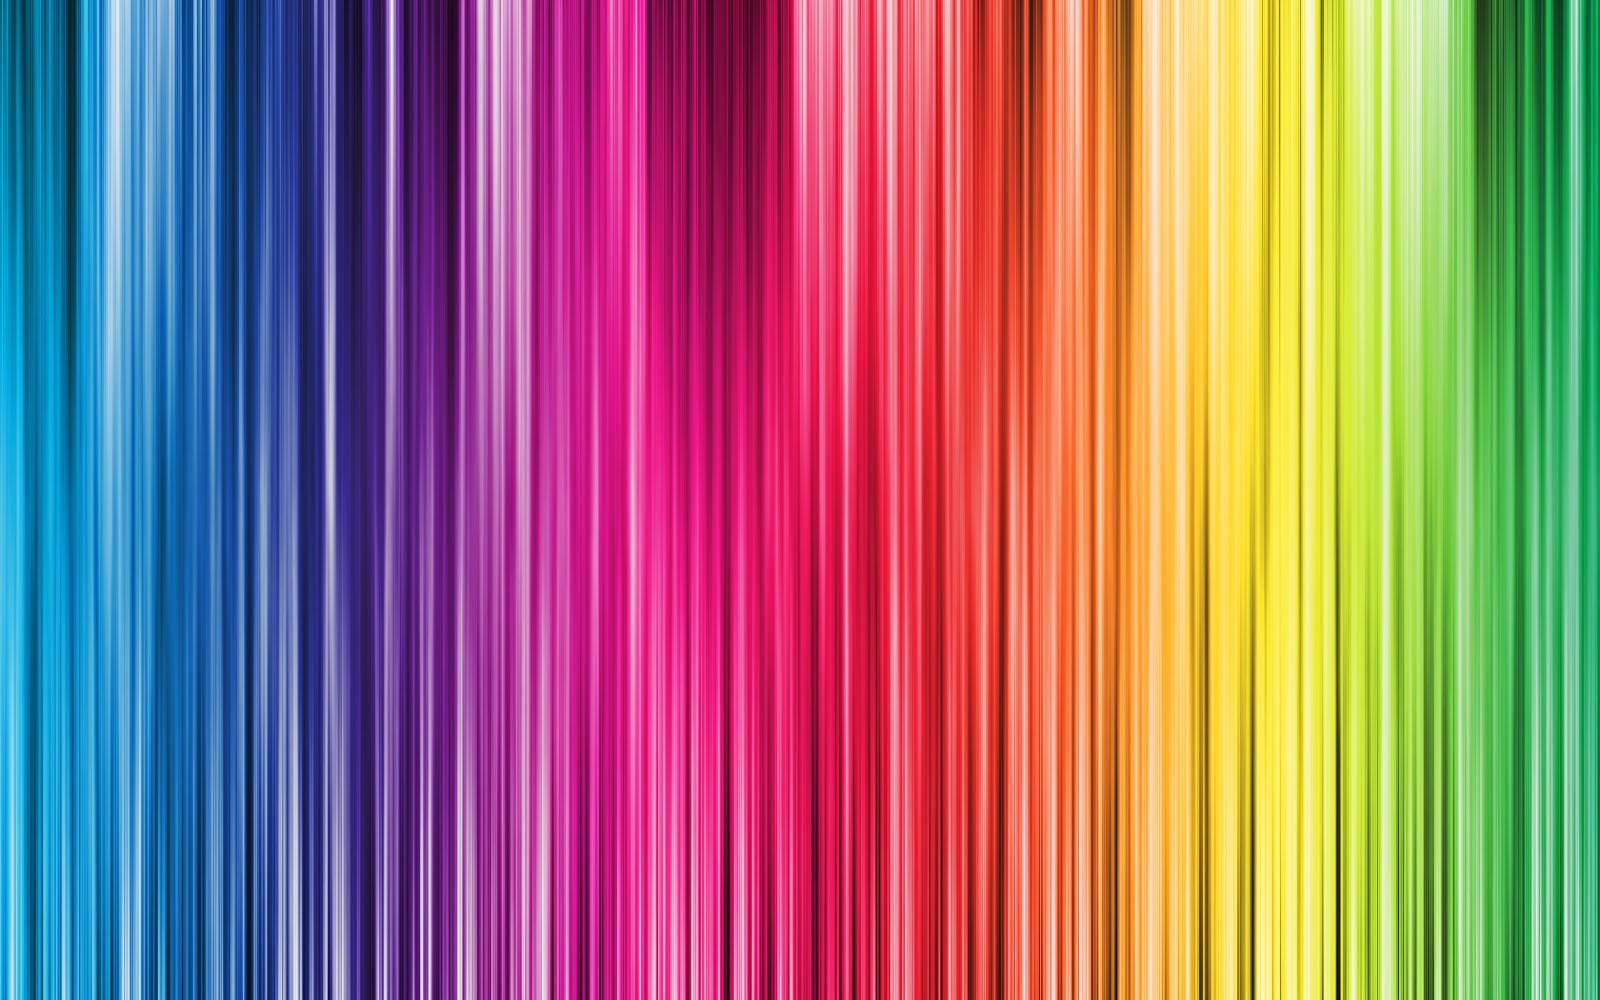 Fondo De Pantalla Abstracto Barras De Colores: Fondo De Pantalla Abstracto Barra Multicolor